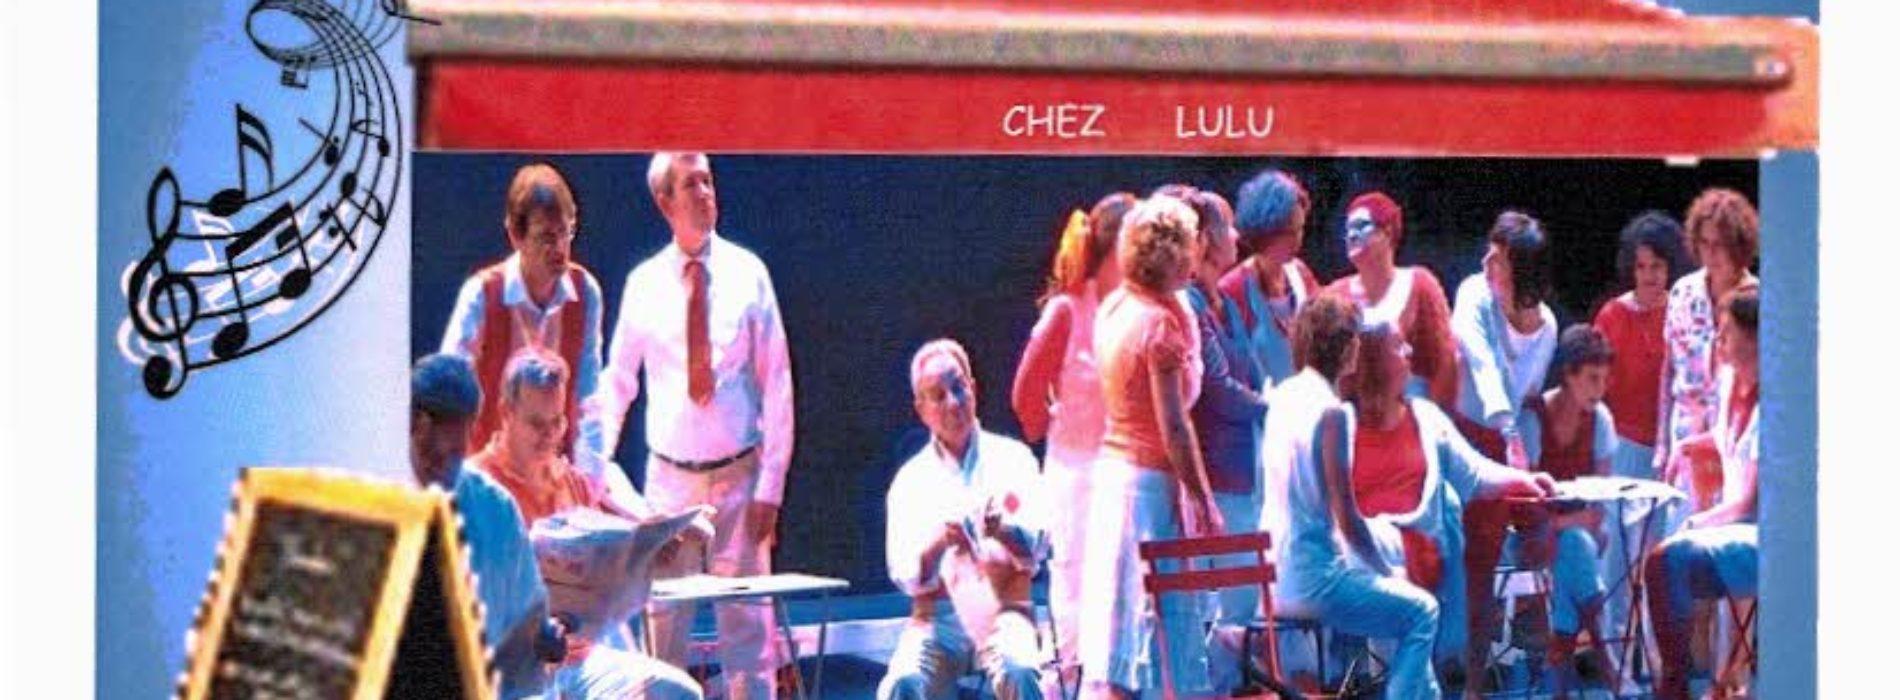 """SPECTACLE MUSICAL 'Chez LULU' avec LE CHOEUR CHANGER D'AIRS ET LA PARTICIPATION """"TROIS P'TITES NOTES LE MAGNY LE SAMEDI 6 OCTOBRE"""